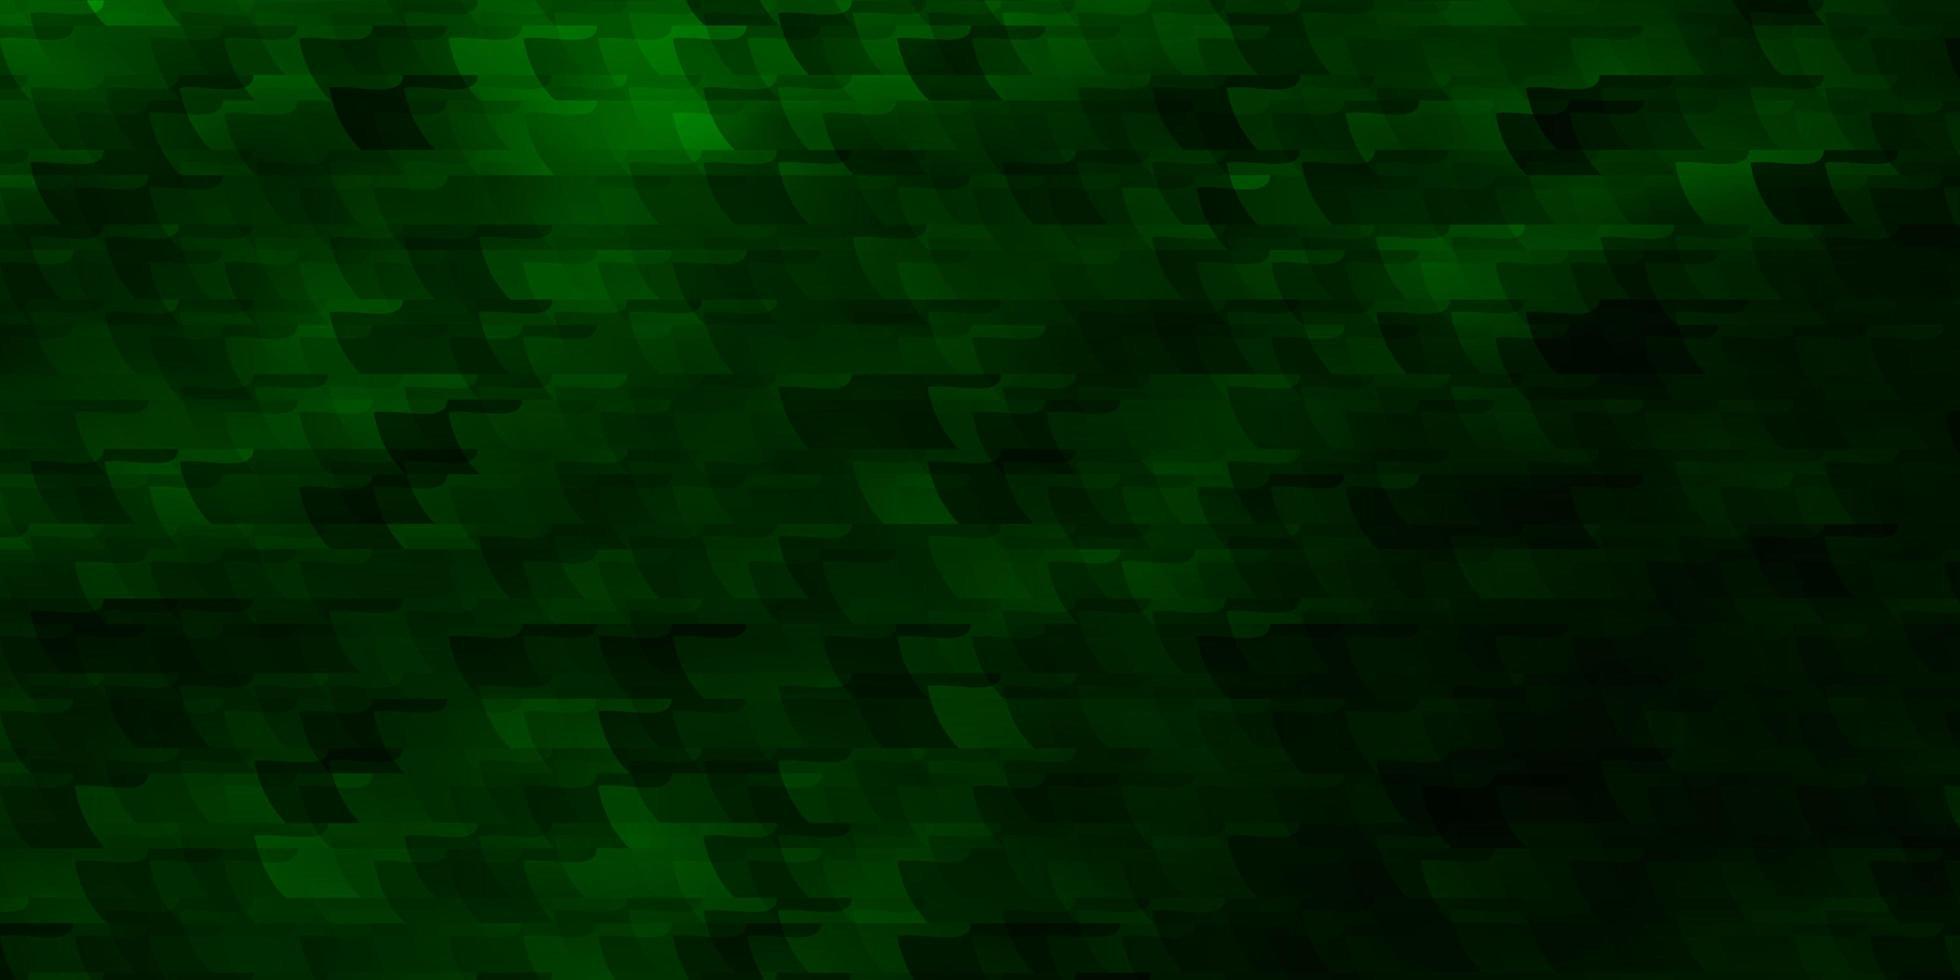 trama verde in stile astratto vettore